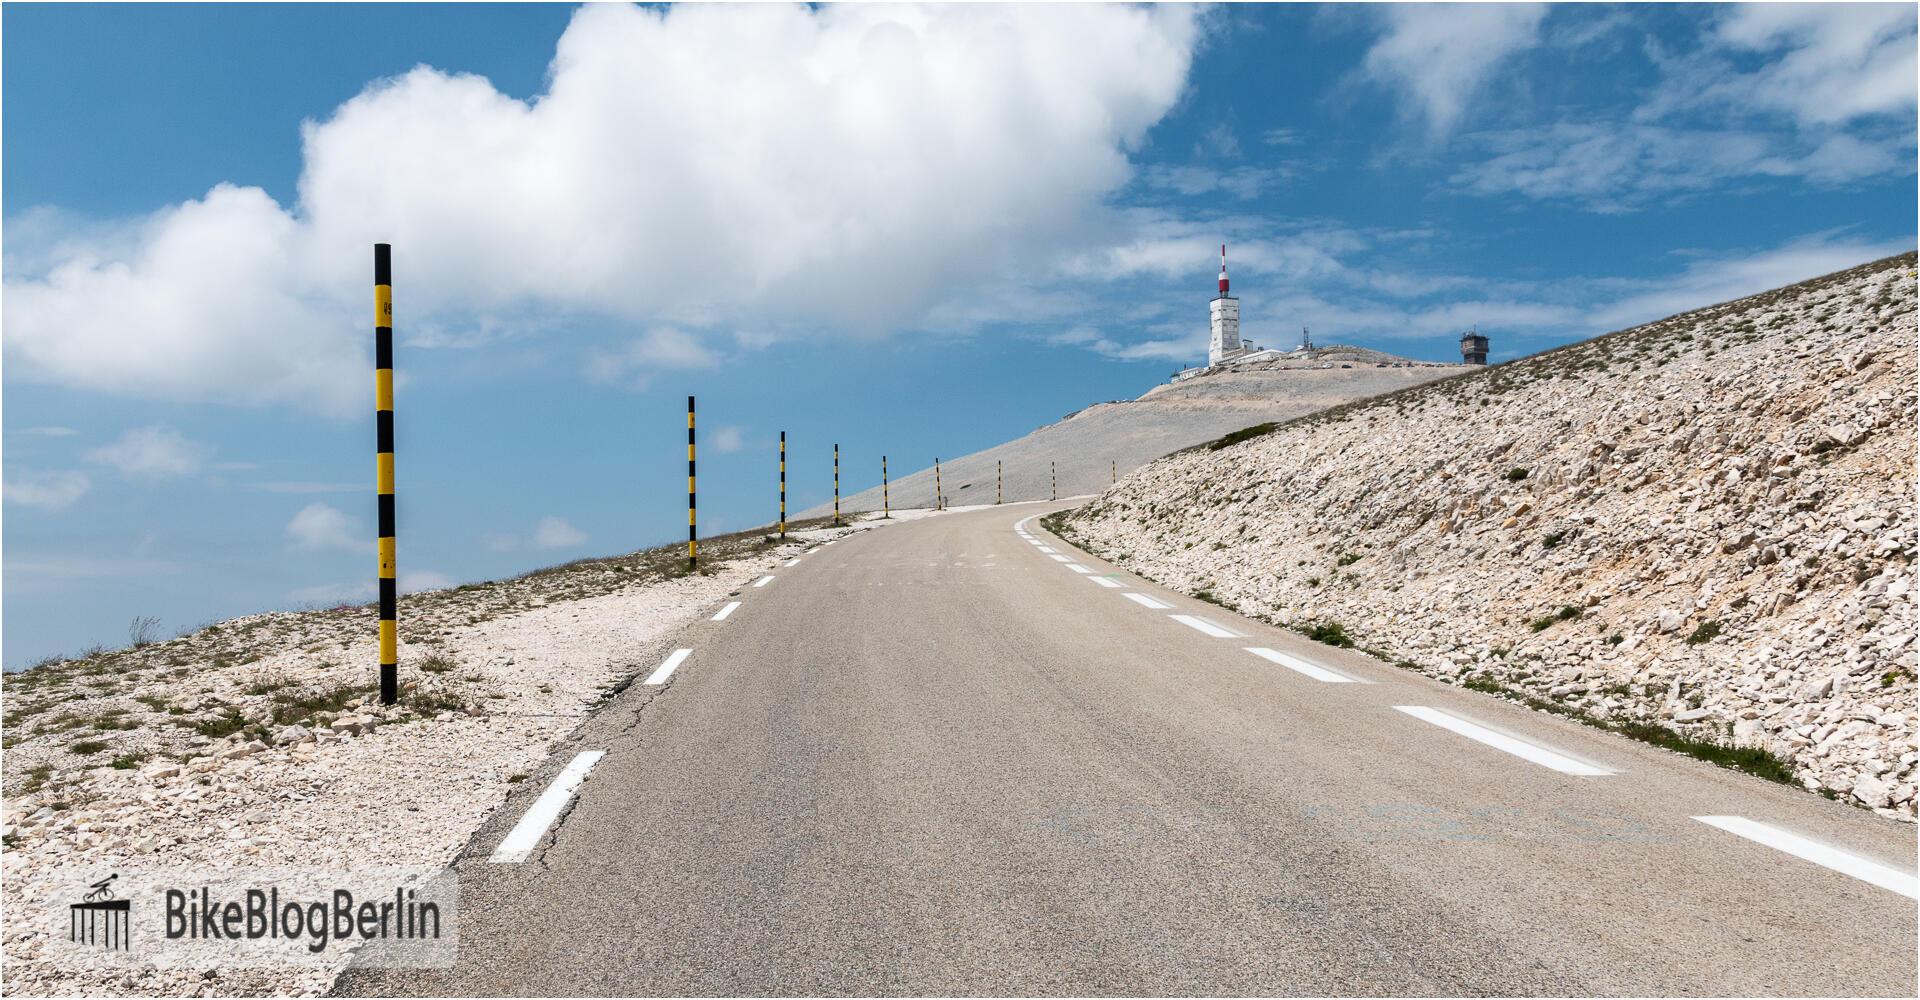 Die Straße zum Gipfel des Mont Ventoux. Links der Straße sind auffällig gemusterte Stangen zu sehen, die auch bei hohem Schnee die Straße begrenzen. Im Hintergrund der Gipfel.